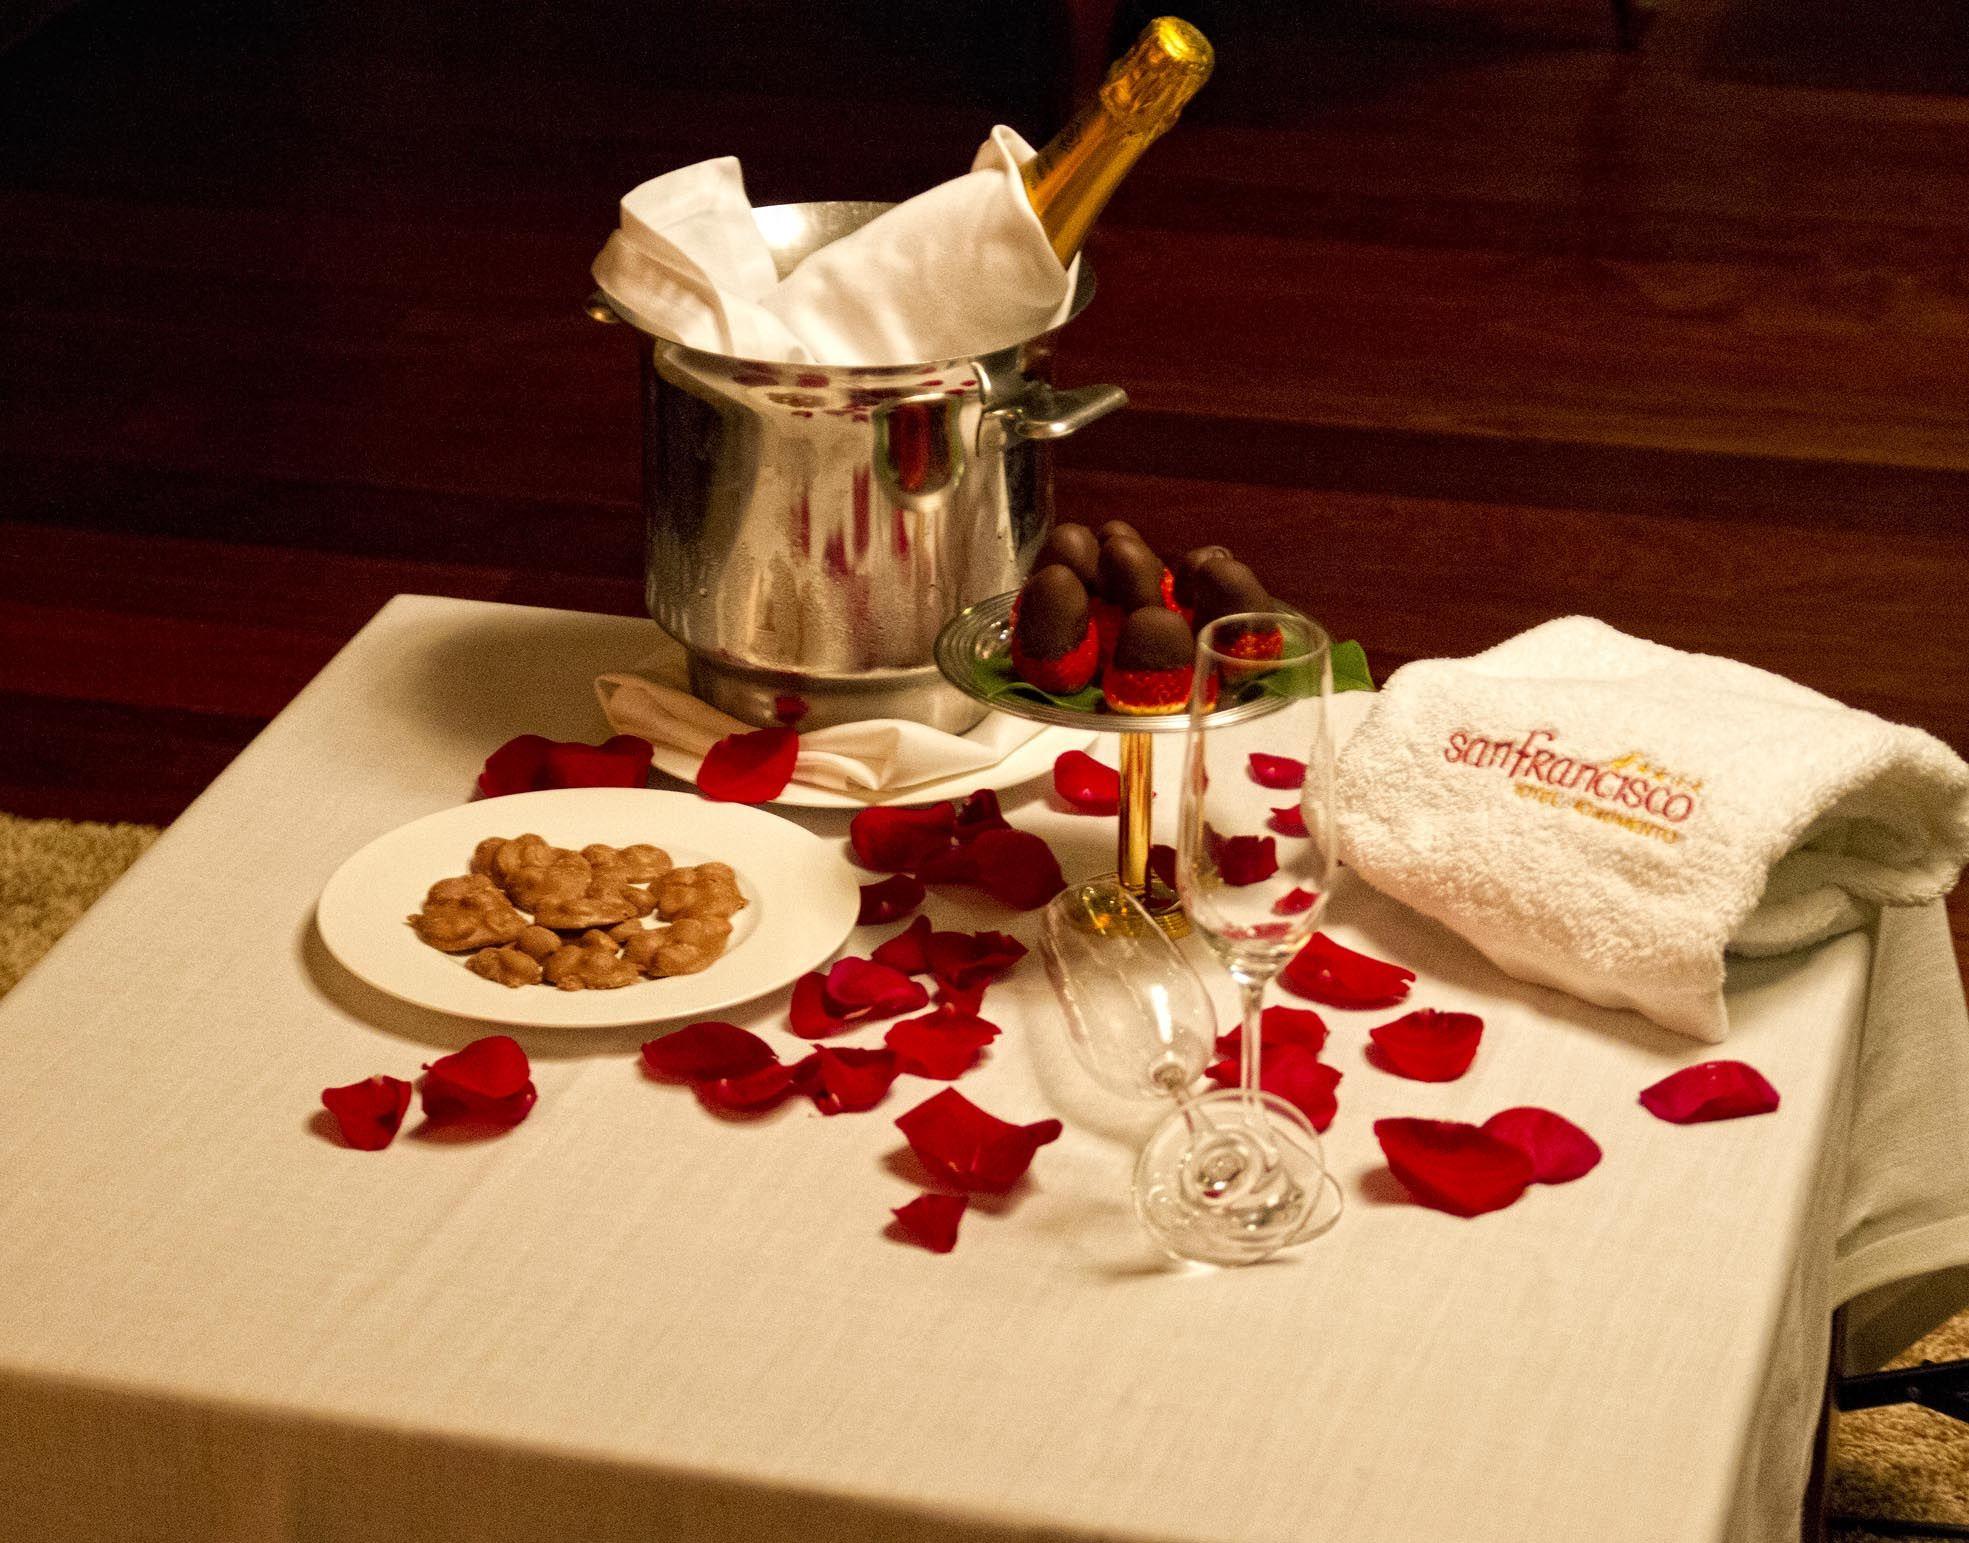 Detalle del hotel: Cava y fresas.